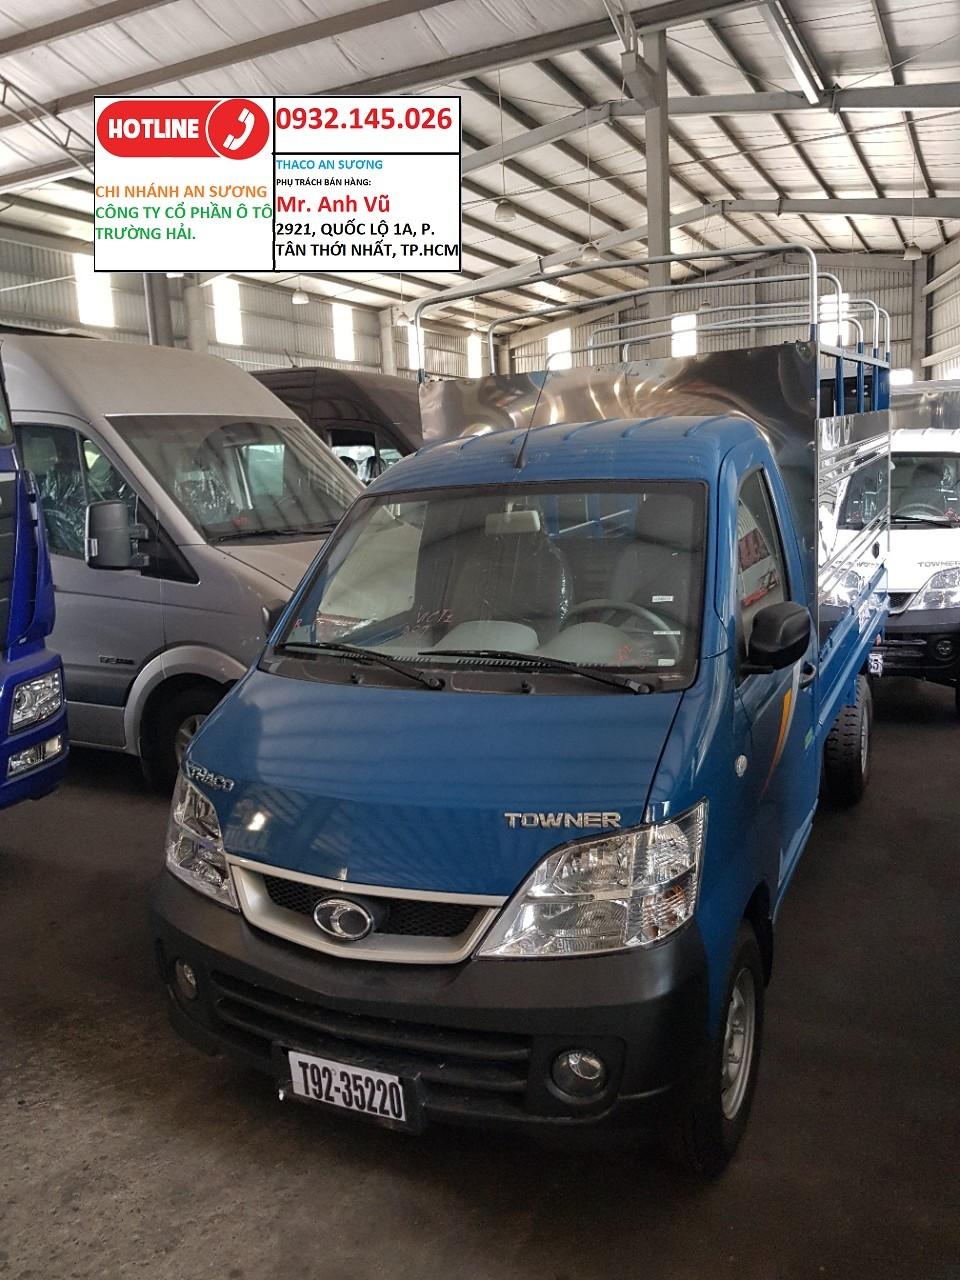 Xe tải towner 990 tải 990kg mua trả góp. xe tải towner 990 động cơ Suzuki TRẢ GÓP 80%. Ảnh số 41943051